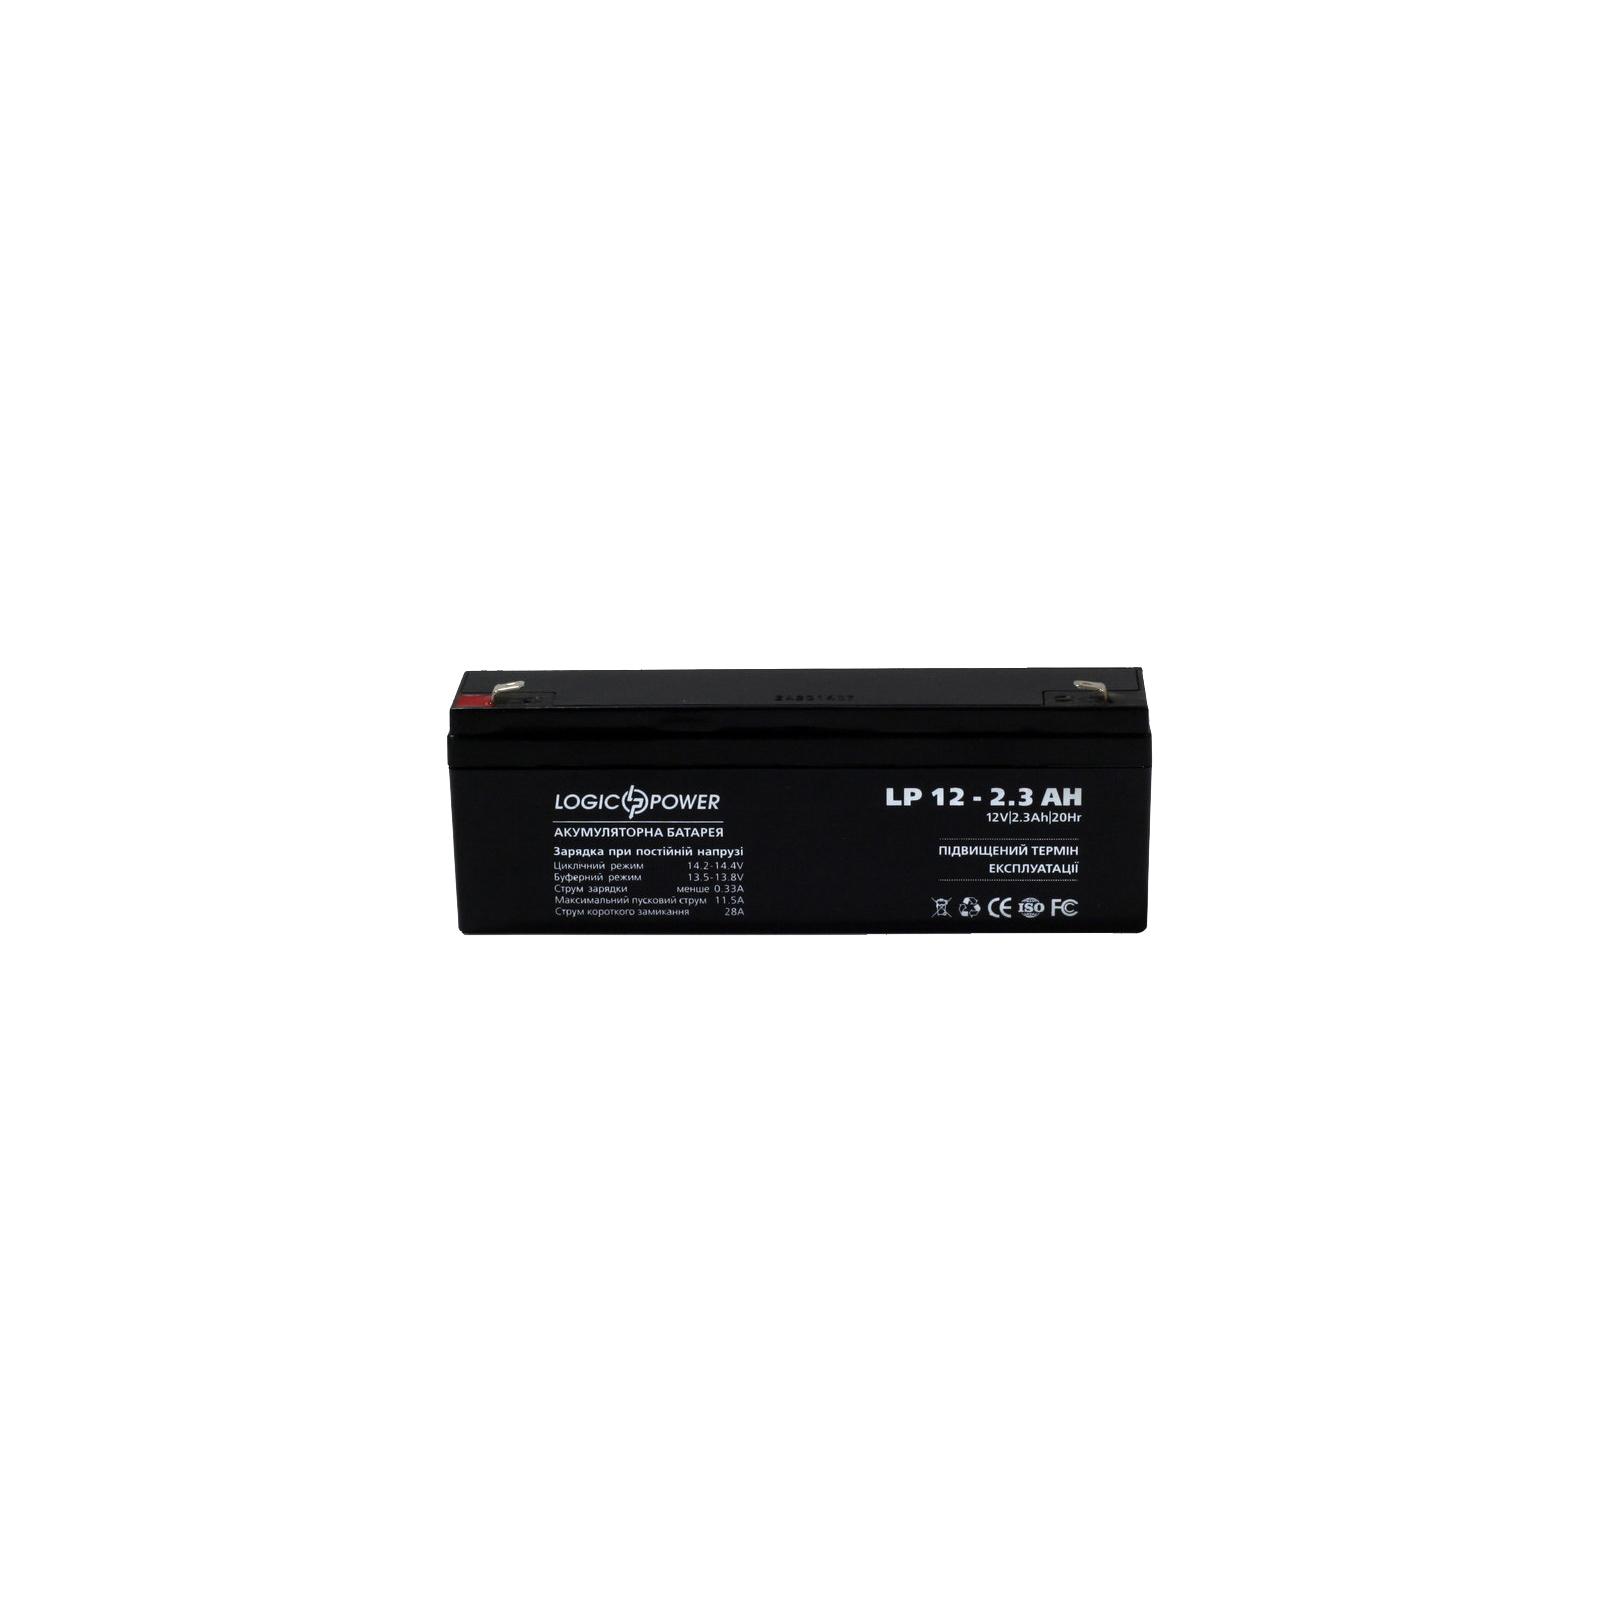 Батарея к ИБП LogicPower 12В 2.3 Ач (3224) изображение 2